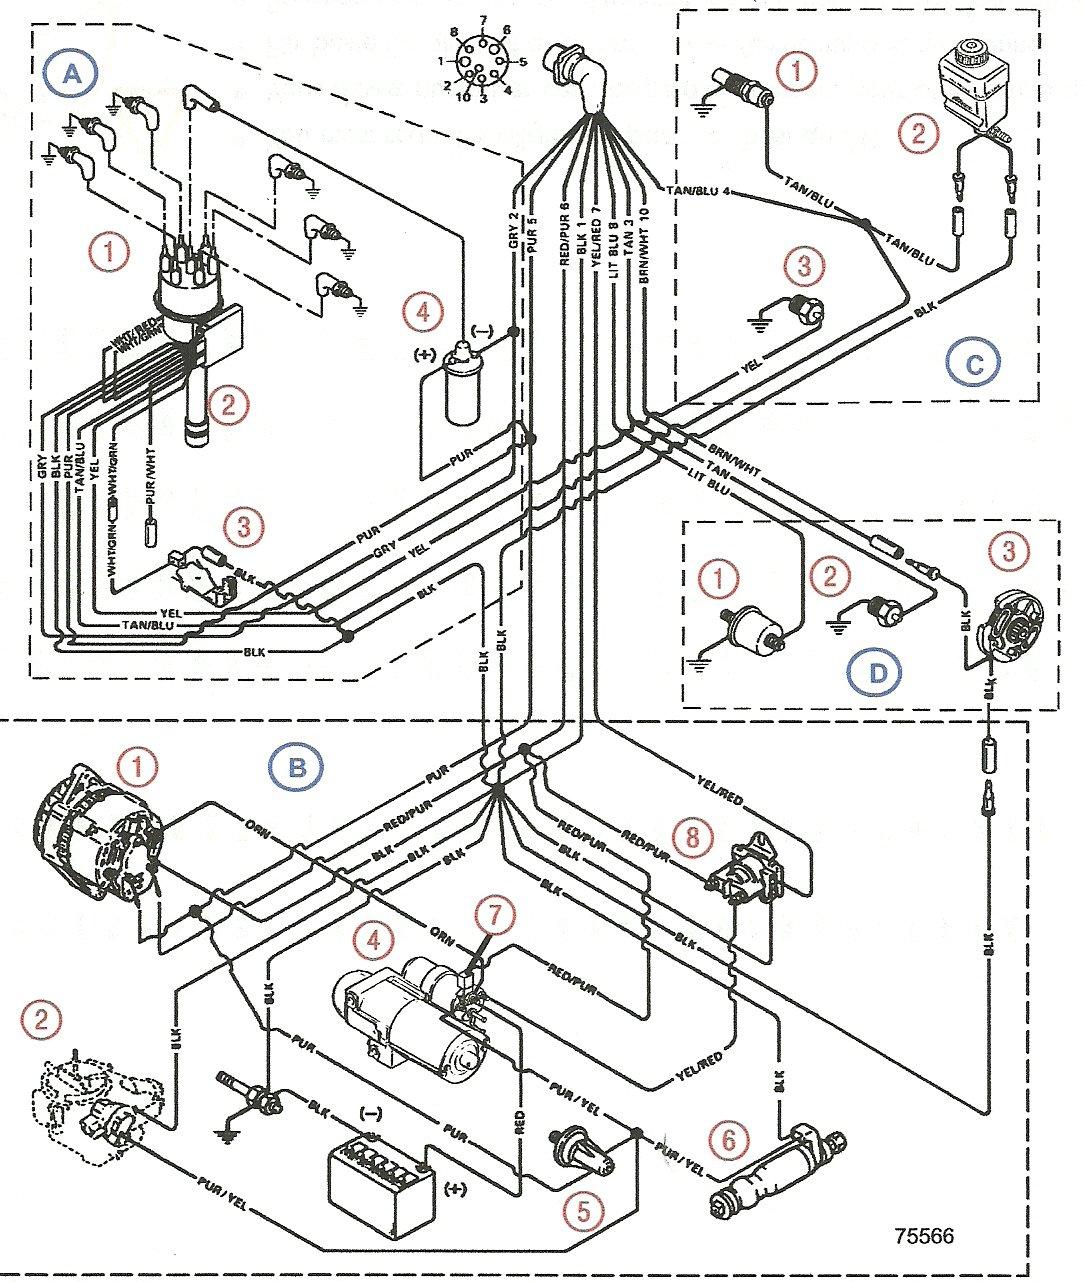 Mercruiser 140 Wiring Diagram - Wiring Diagrams Folder on